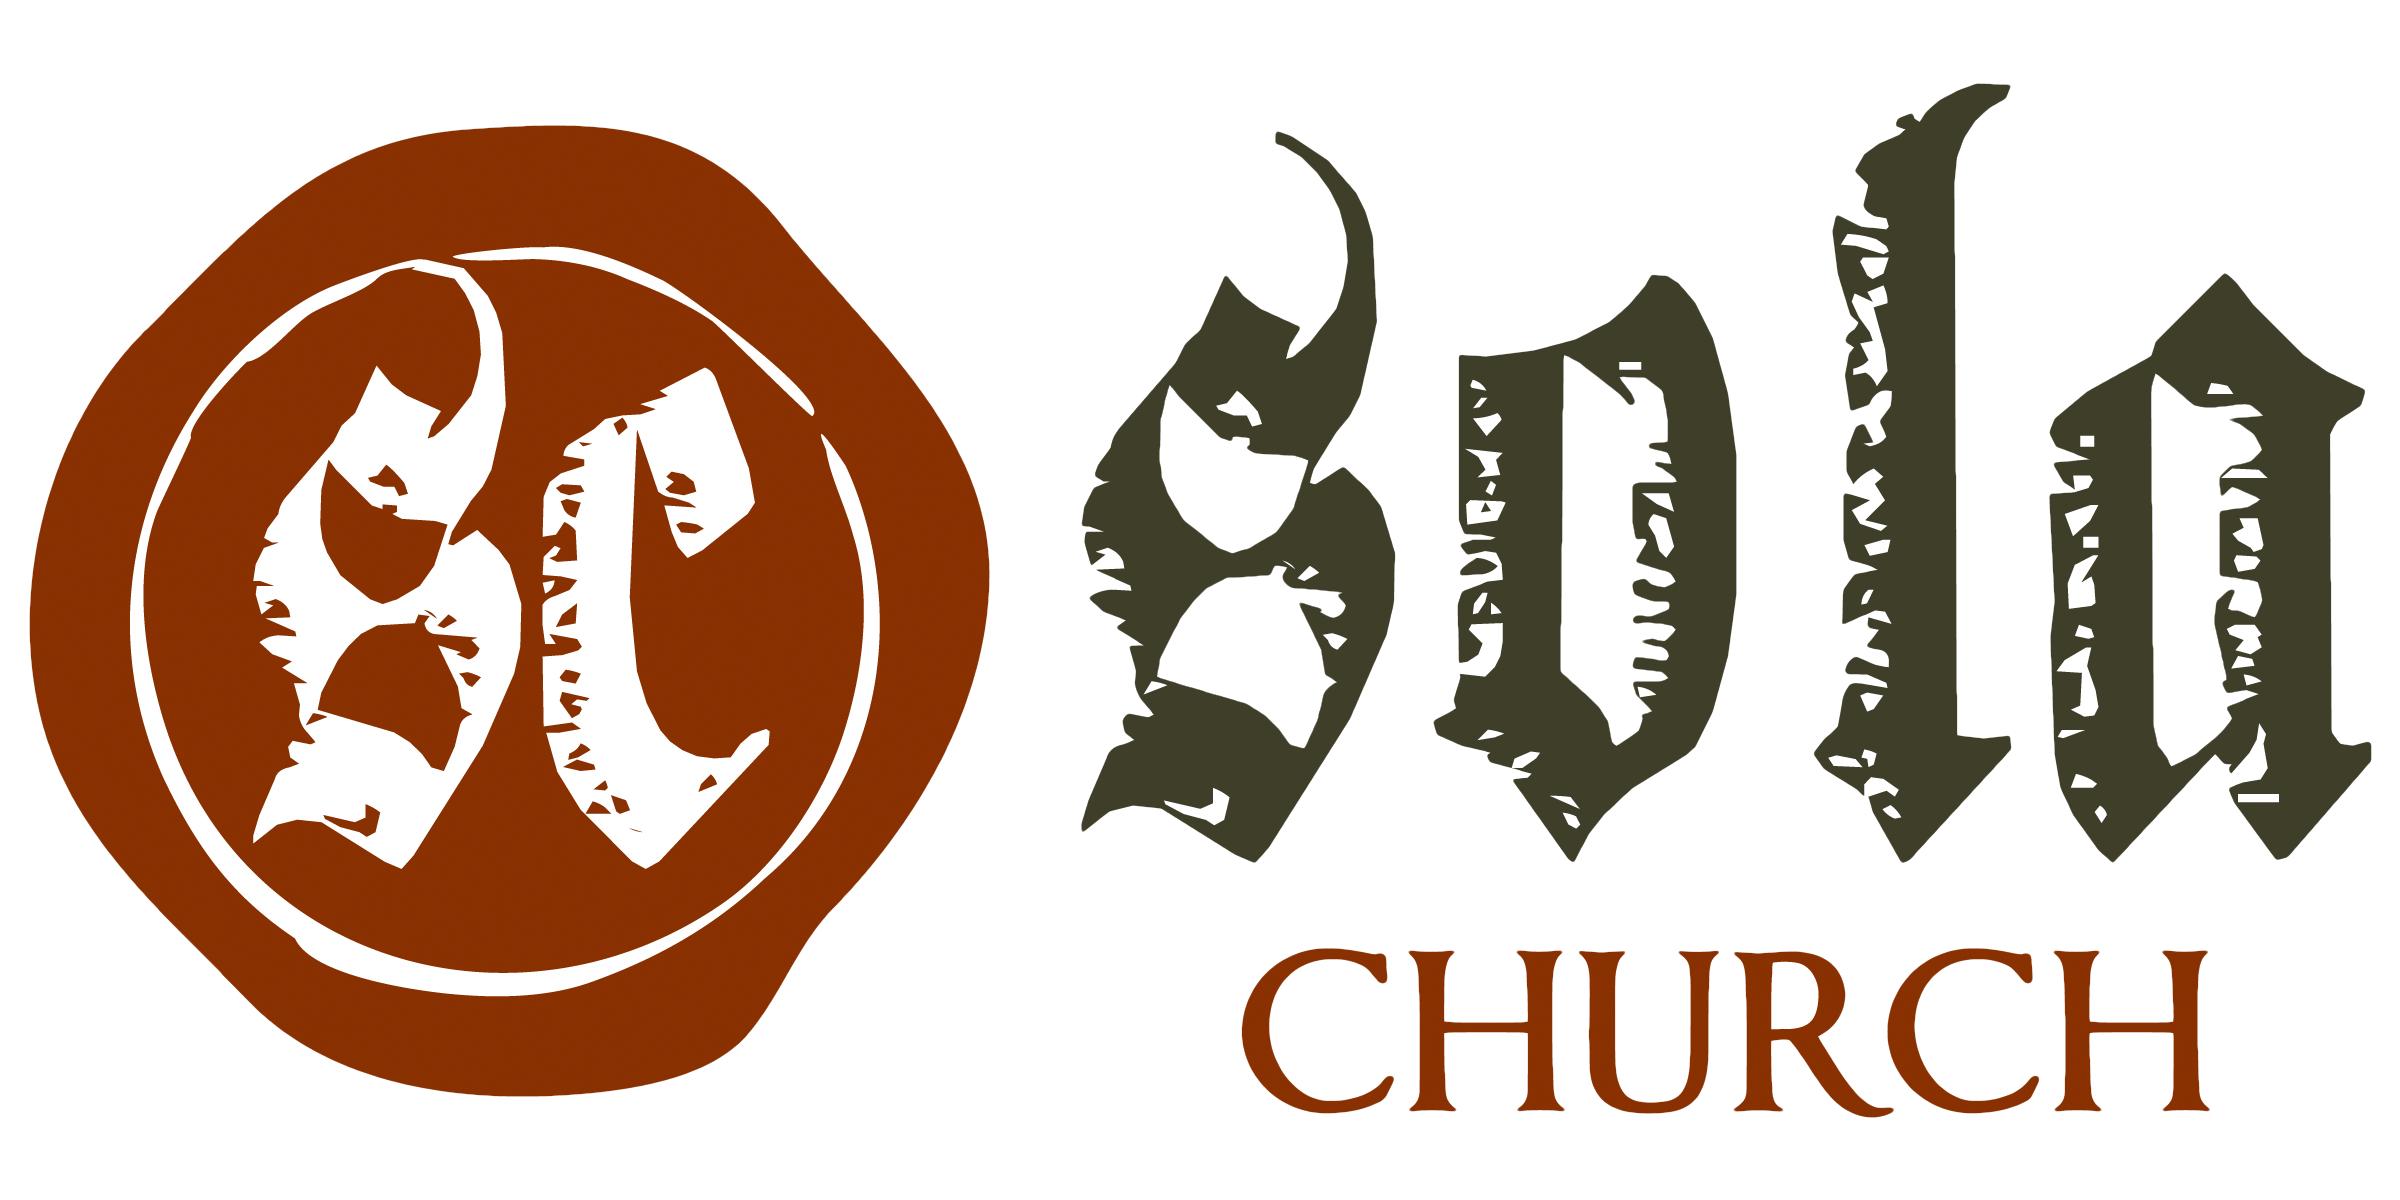 Sola Church